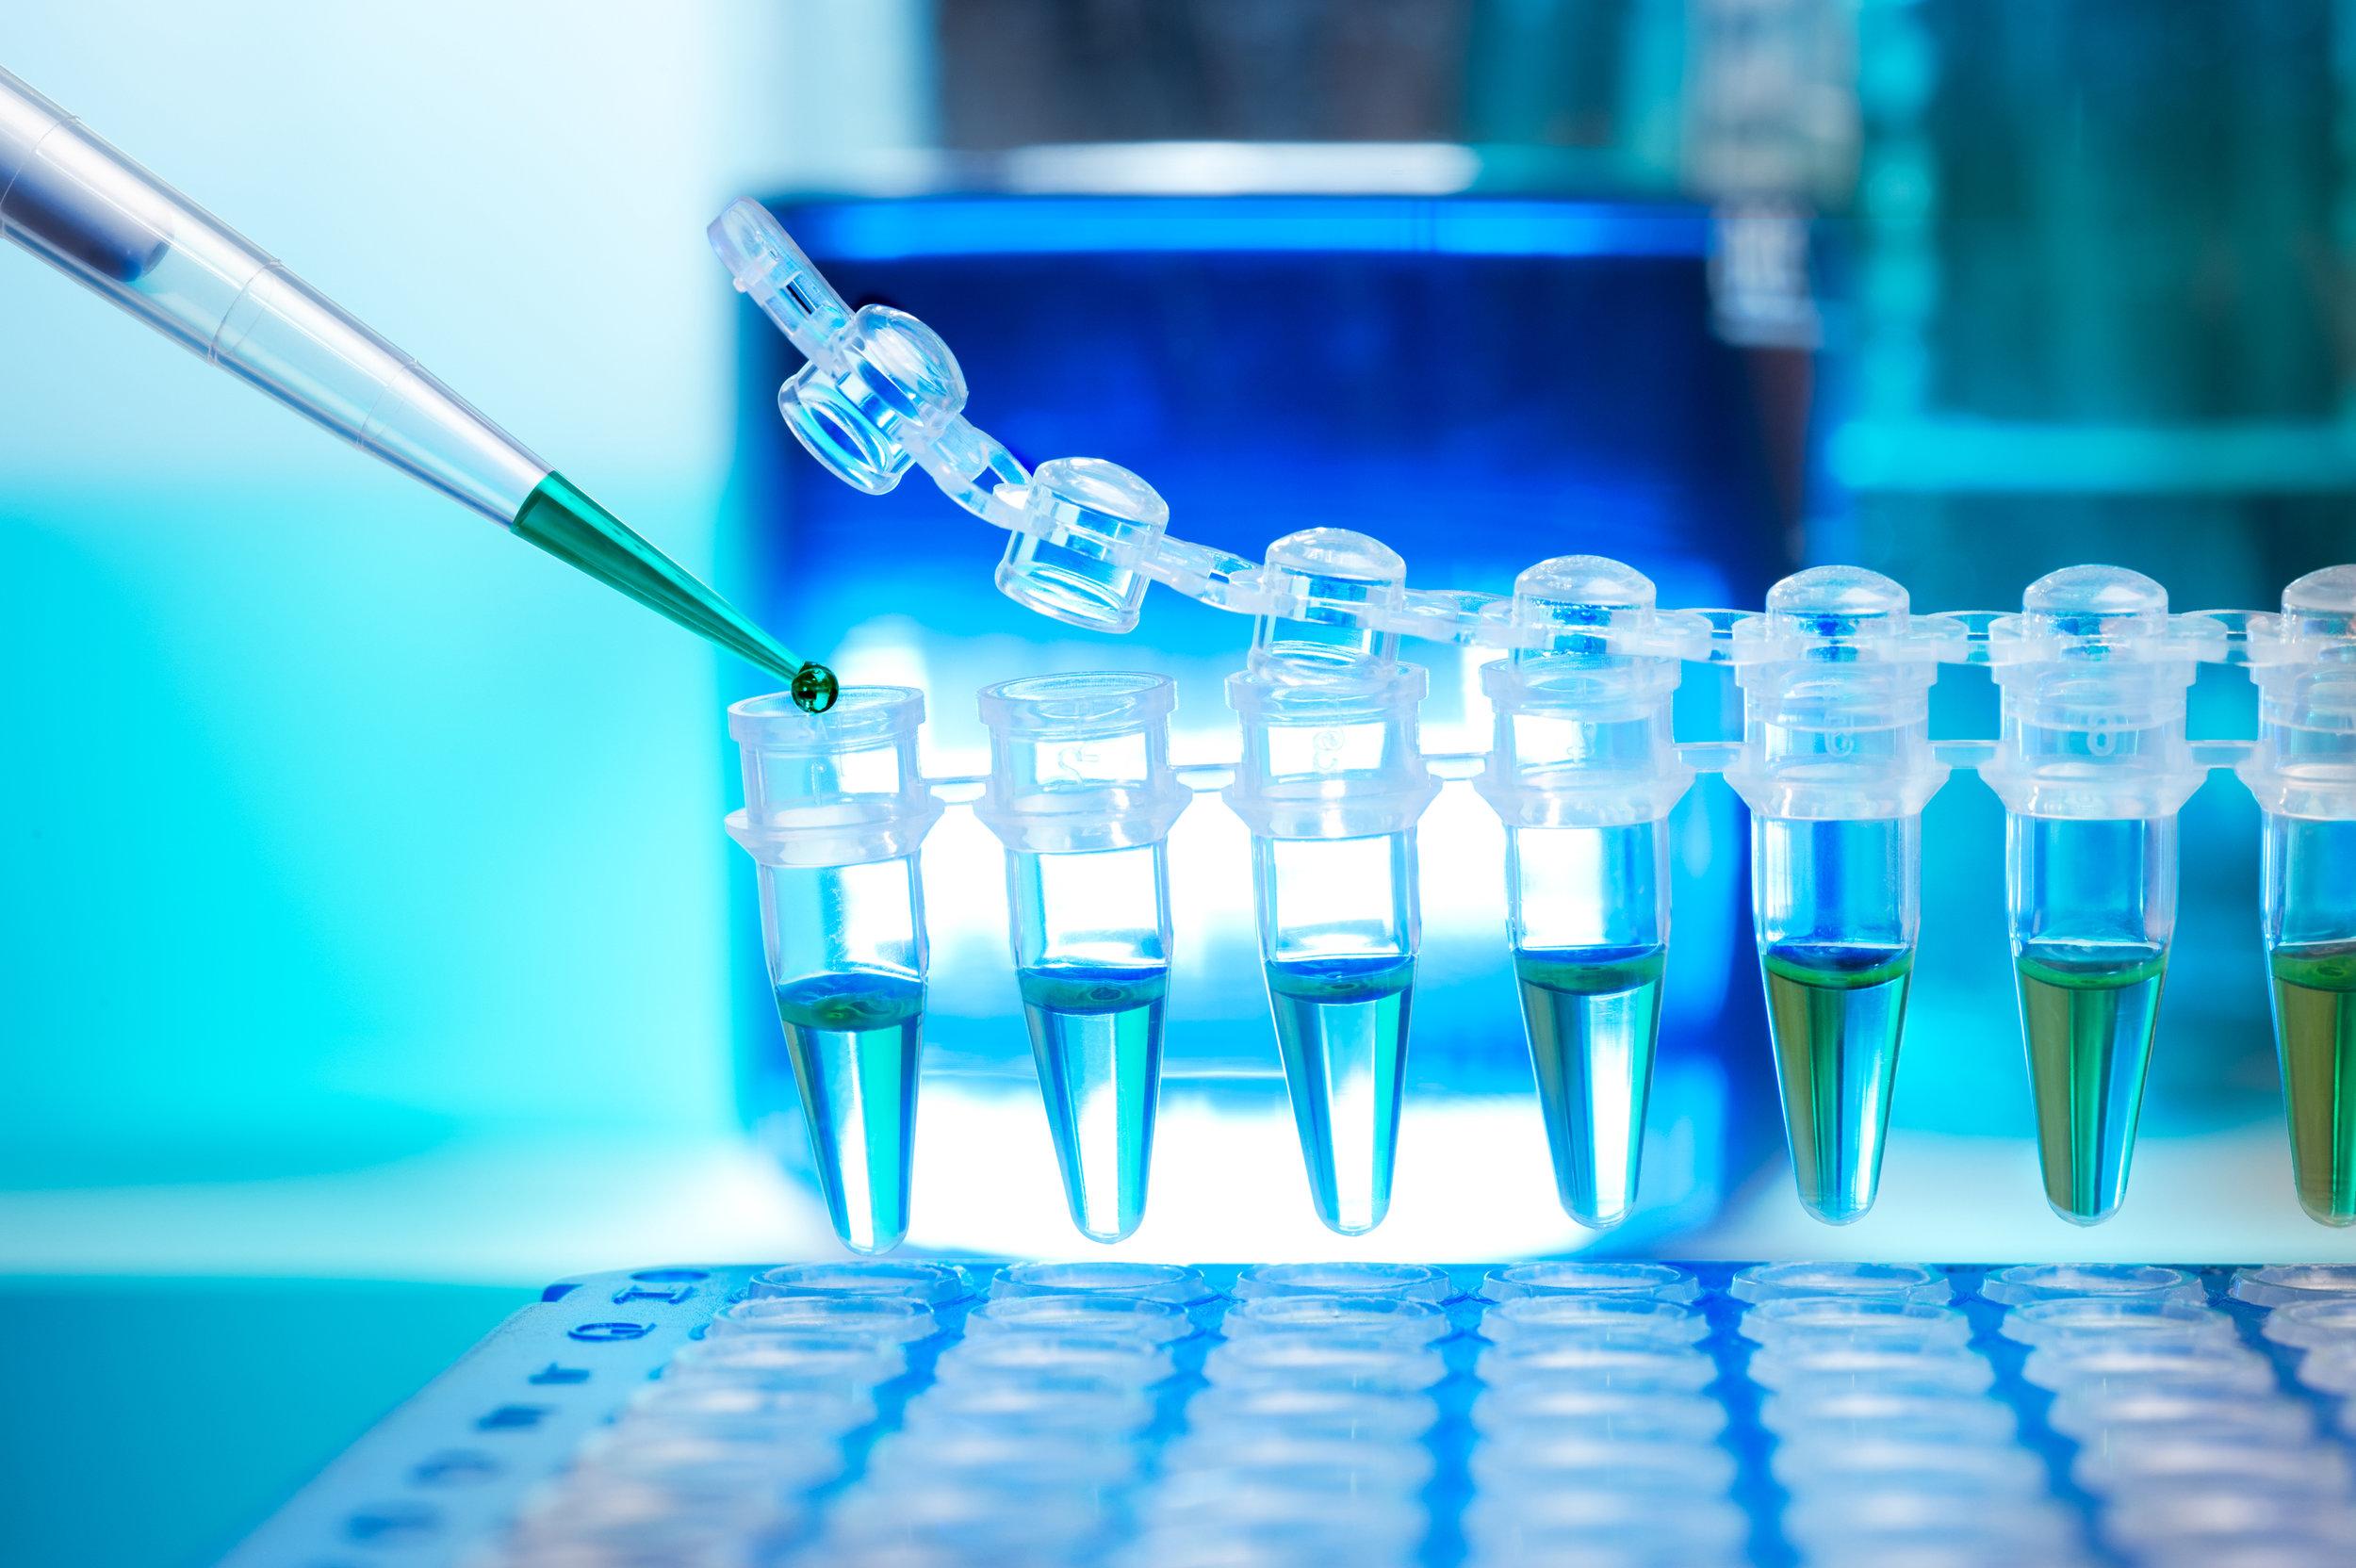 PRODUCTOS - Contamos con las más prestigiosas y reconocidas marcas de equipos y reactivos para Genómica, Proteómica, Genética y Biología Forense.REACTIVOSEQUIPOSINSUMOS